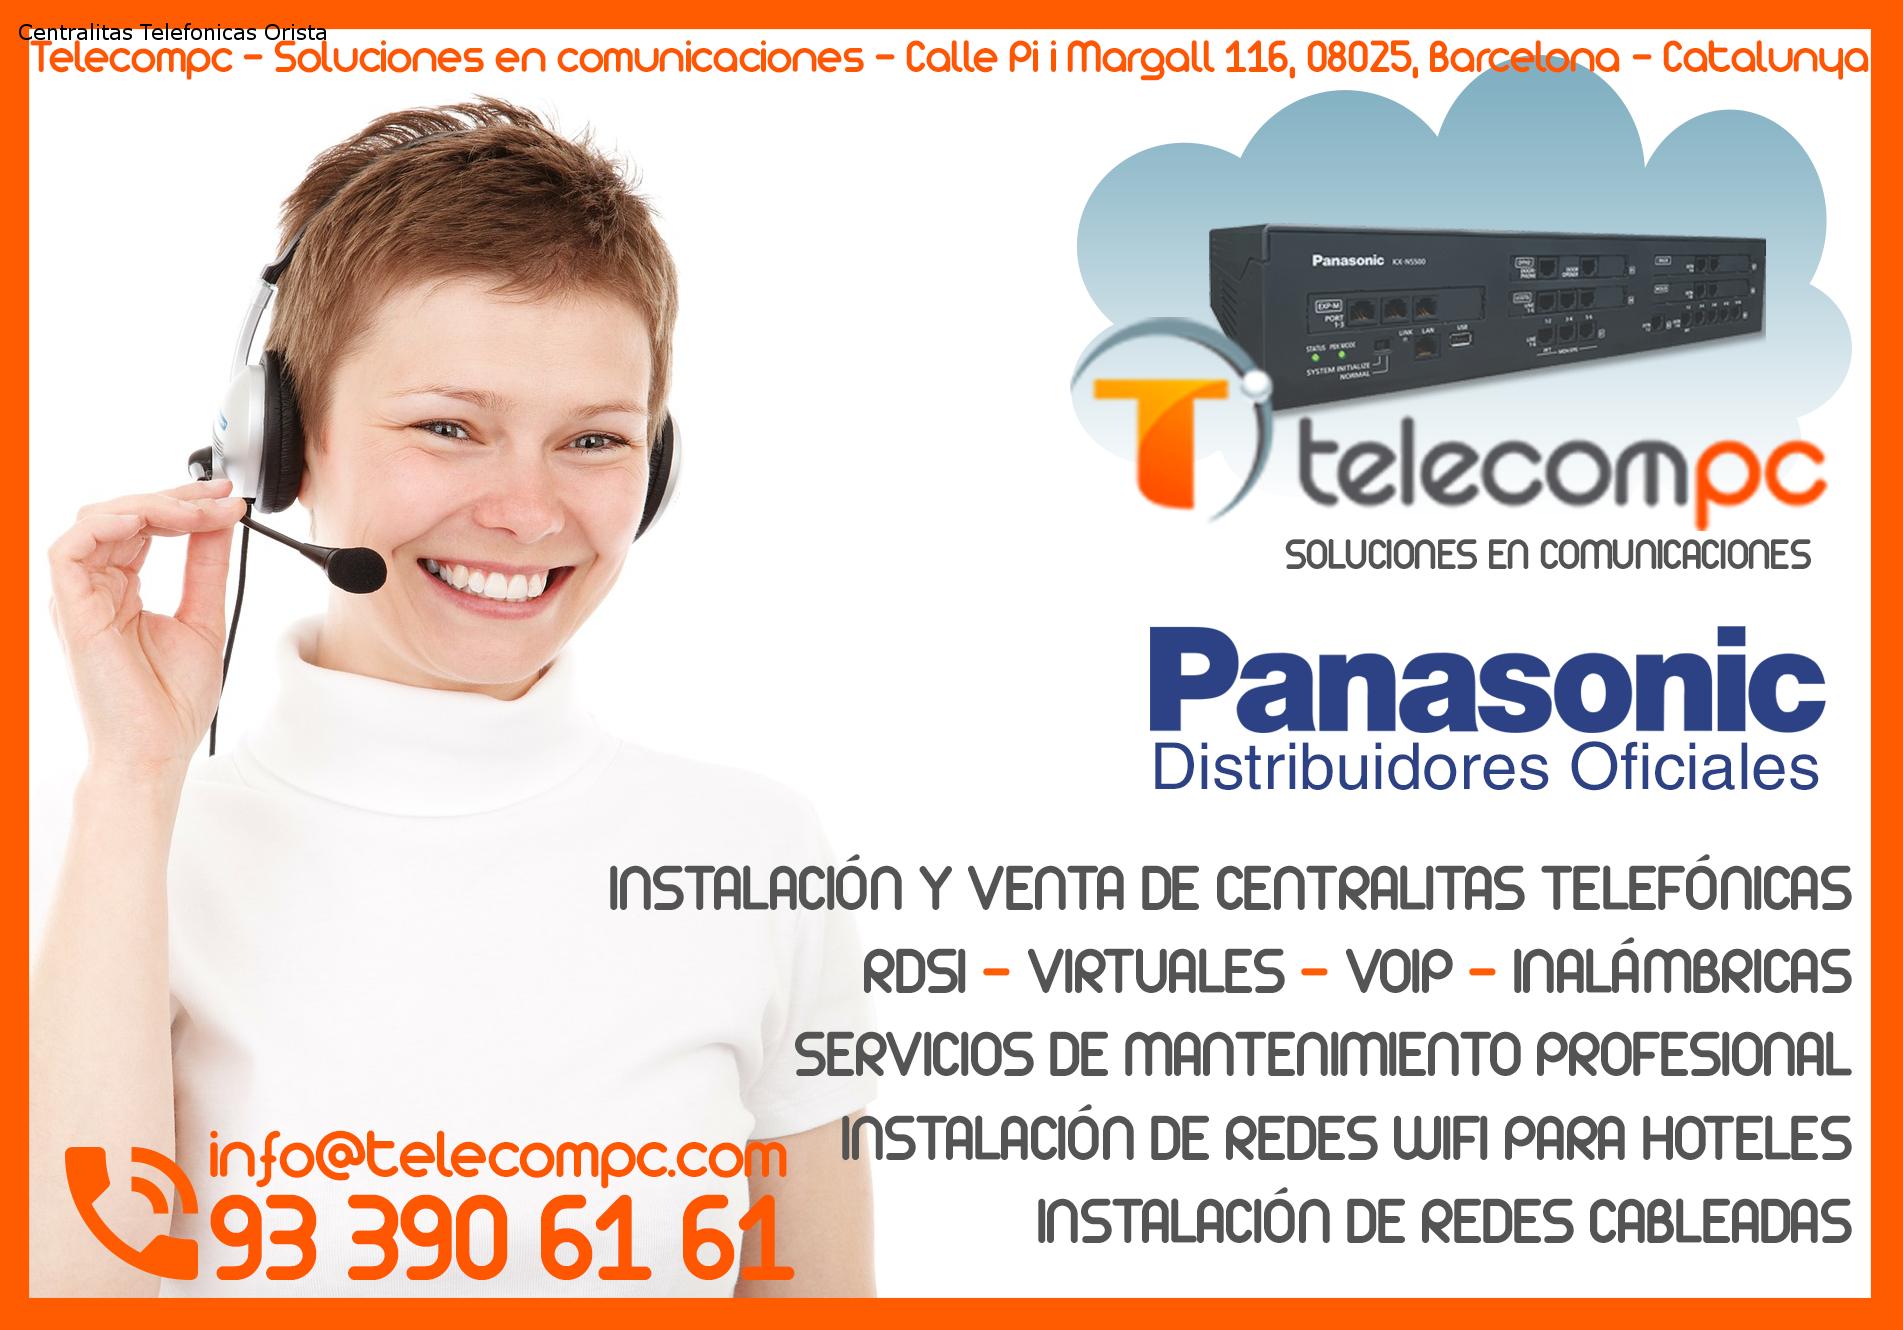 Centralitas Telefonicas Orista